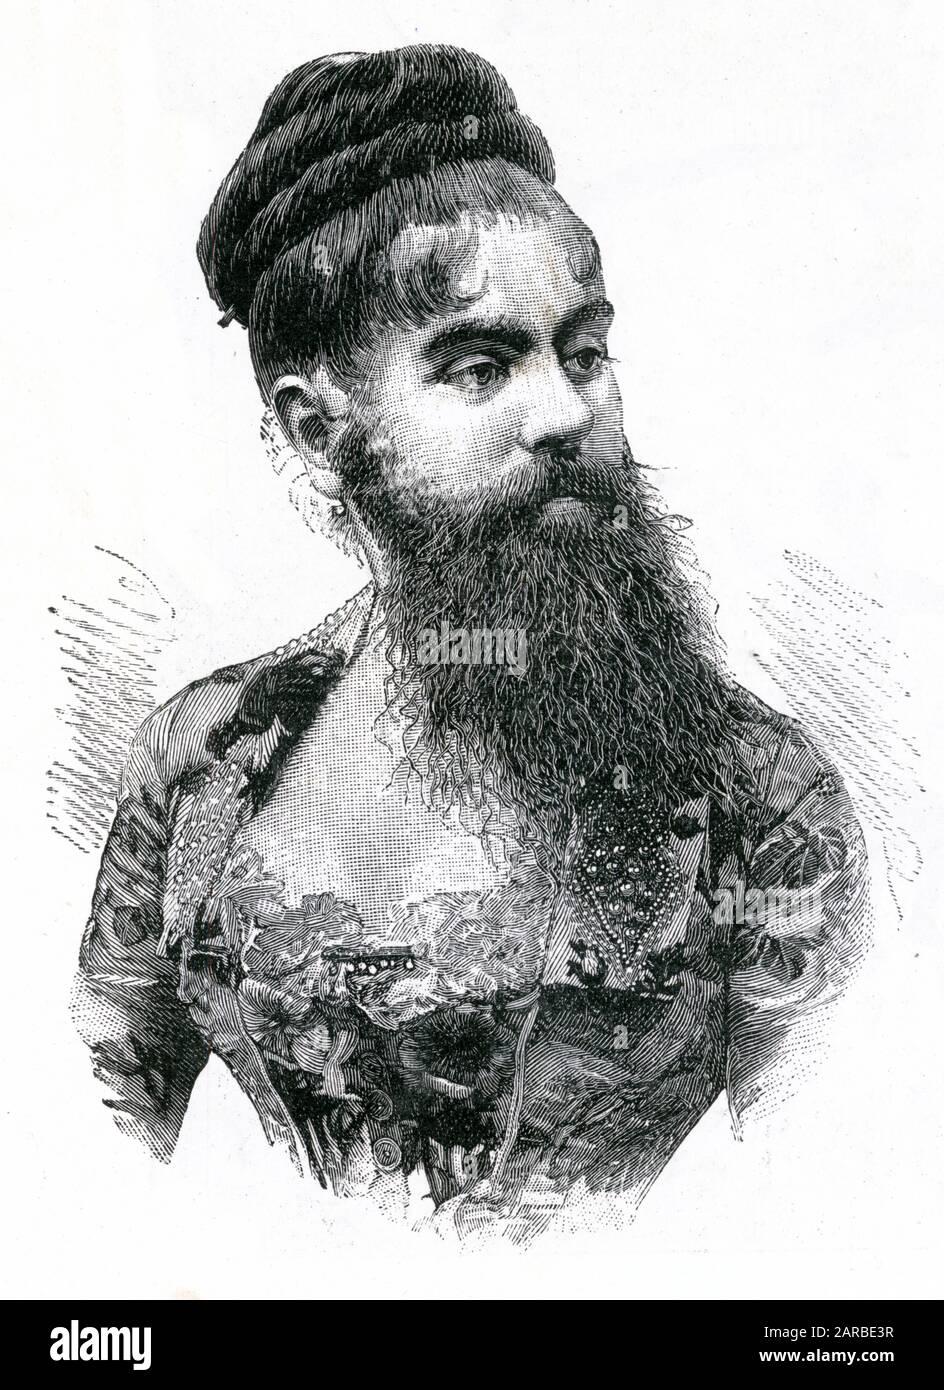 Annie Jones Elliot (1865 - 1902) également connue sous le nom de « la Dame de barbe » a visité le showman P. T. Barnum comme une attraction de cirque. Banque D'Images